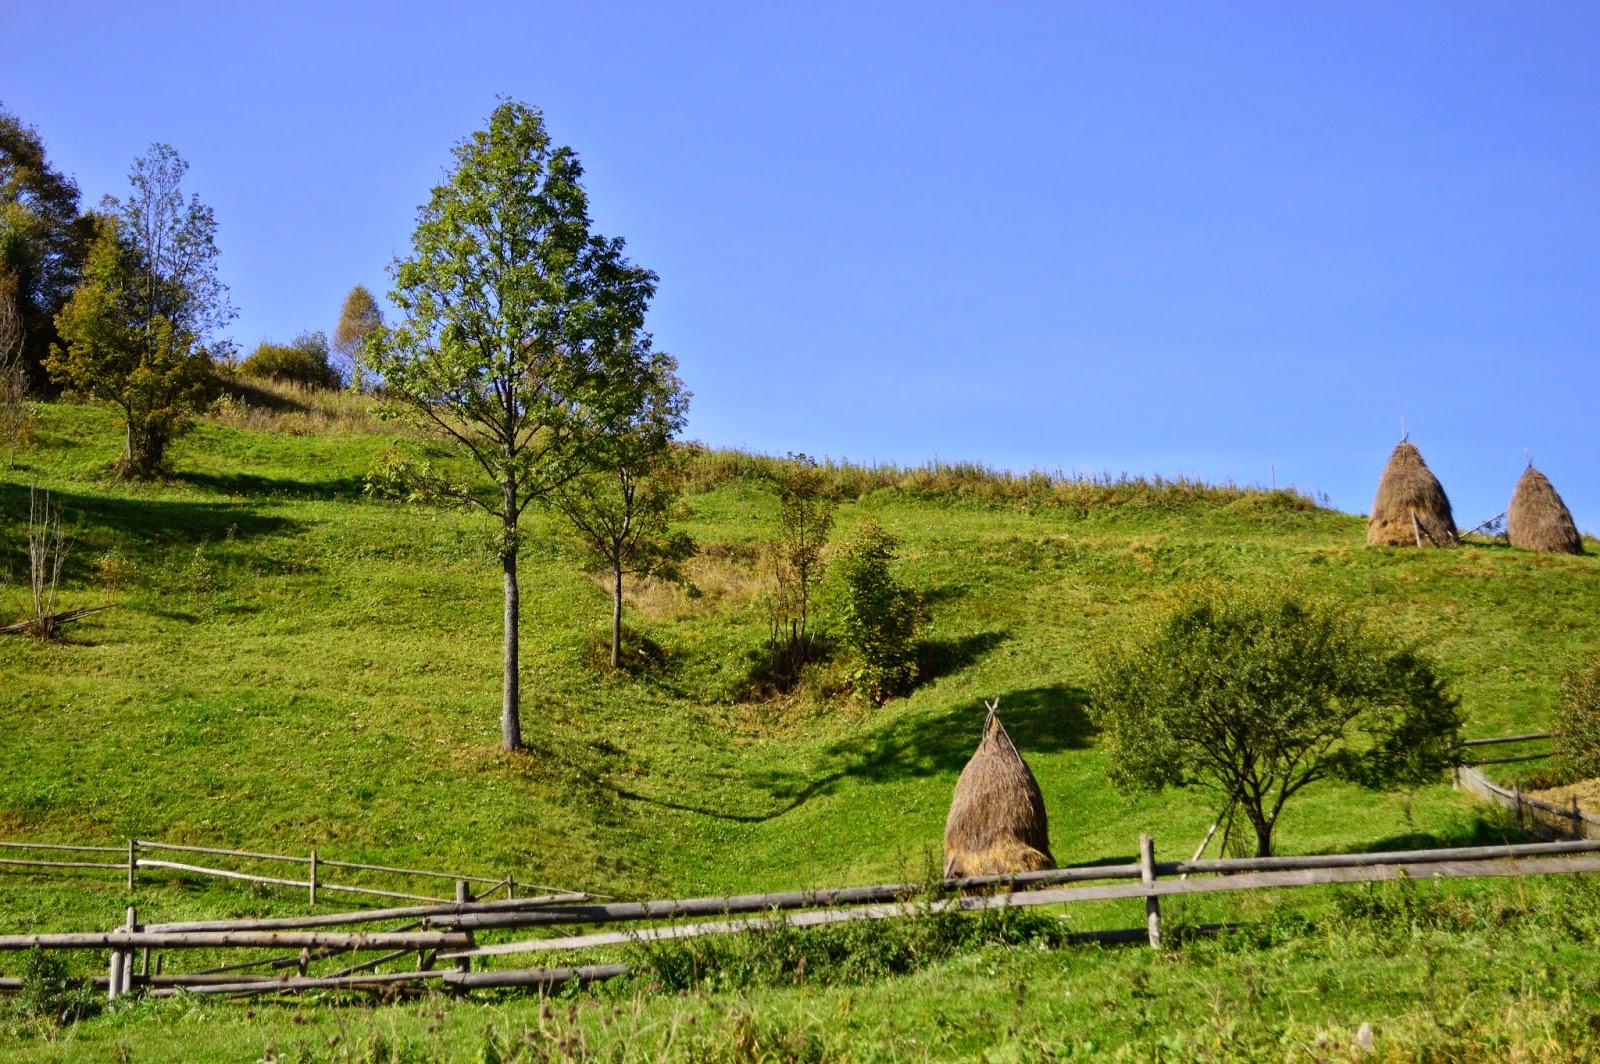 куда поехать отдыхать в карпатах, как отдыхать в карпатах, Карпатские пейзажи, банош, вкусные блюда закарпатья